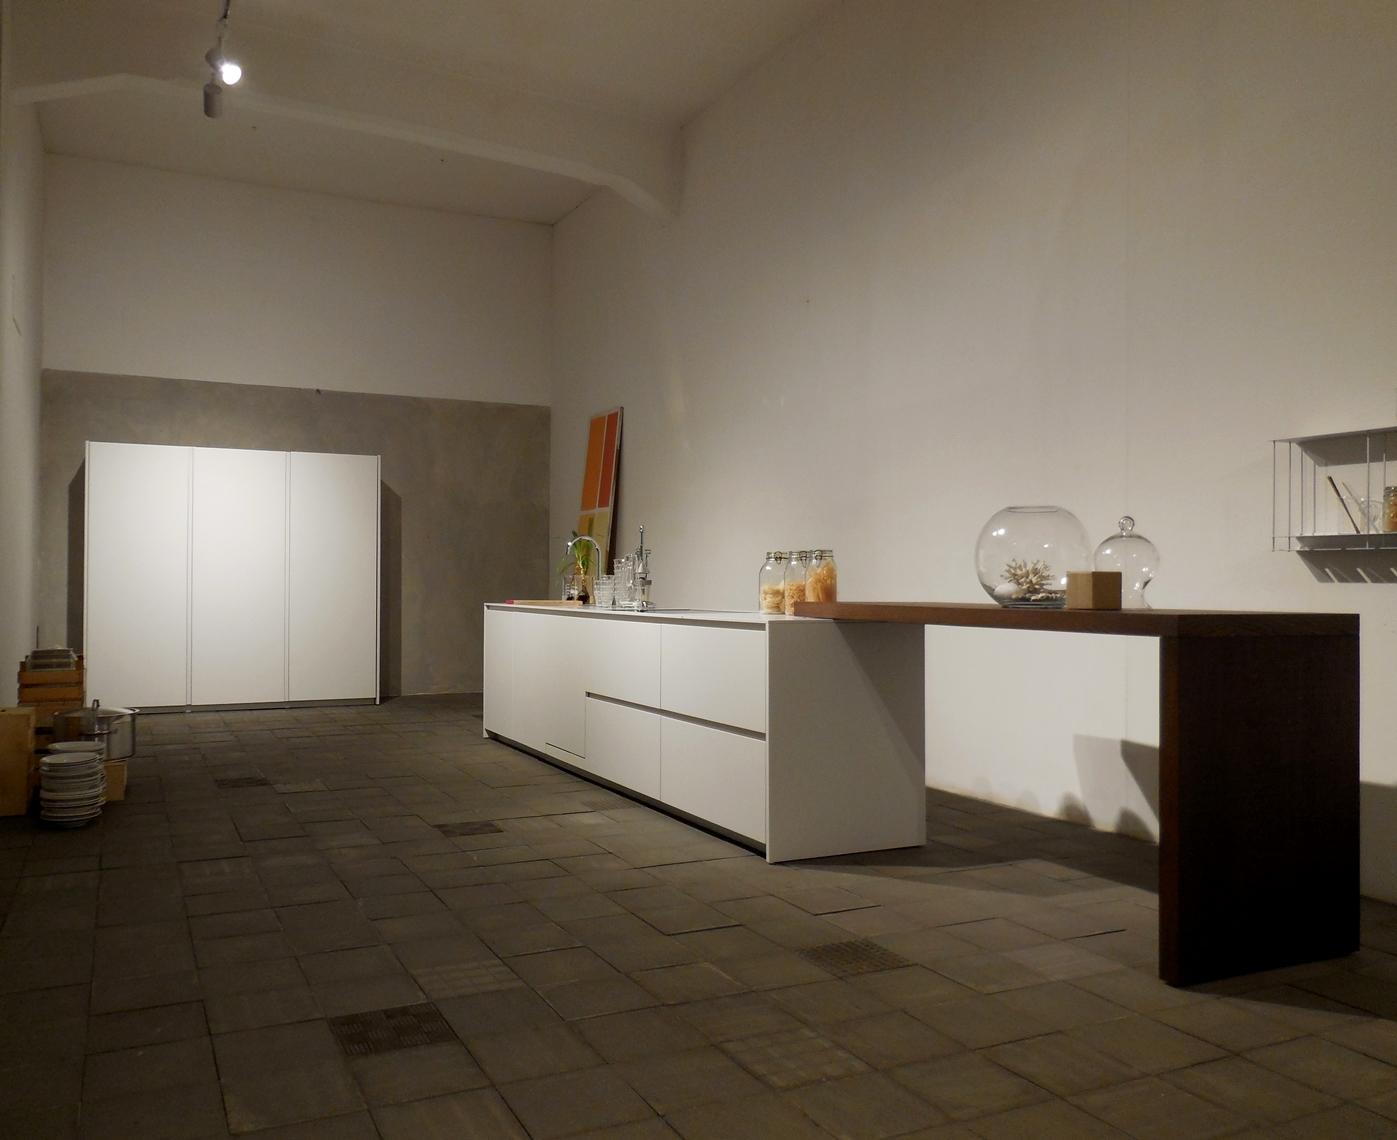 Design vasche decorazione bagno da - Lavabo ikea cucina ...